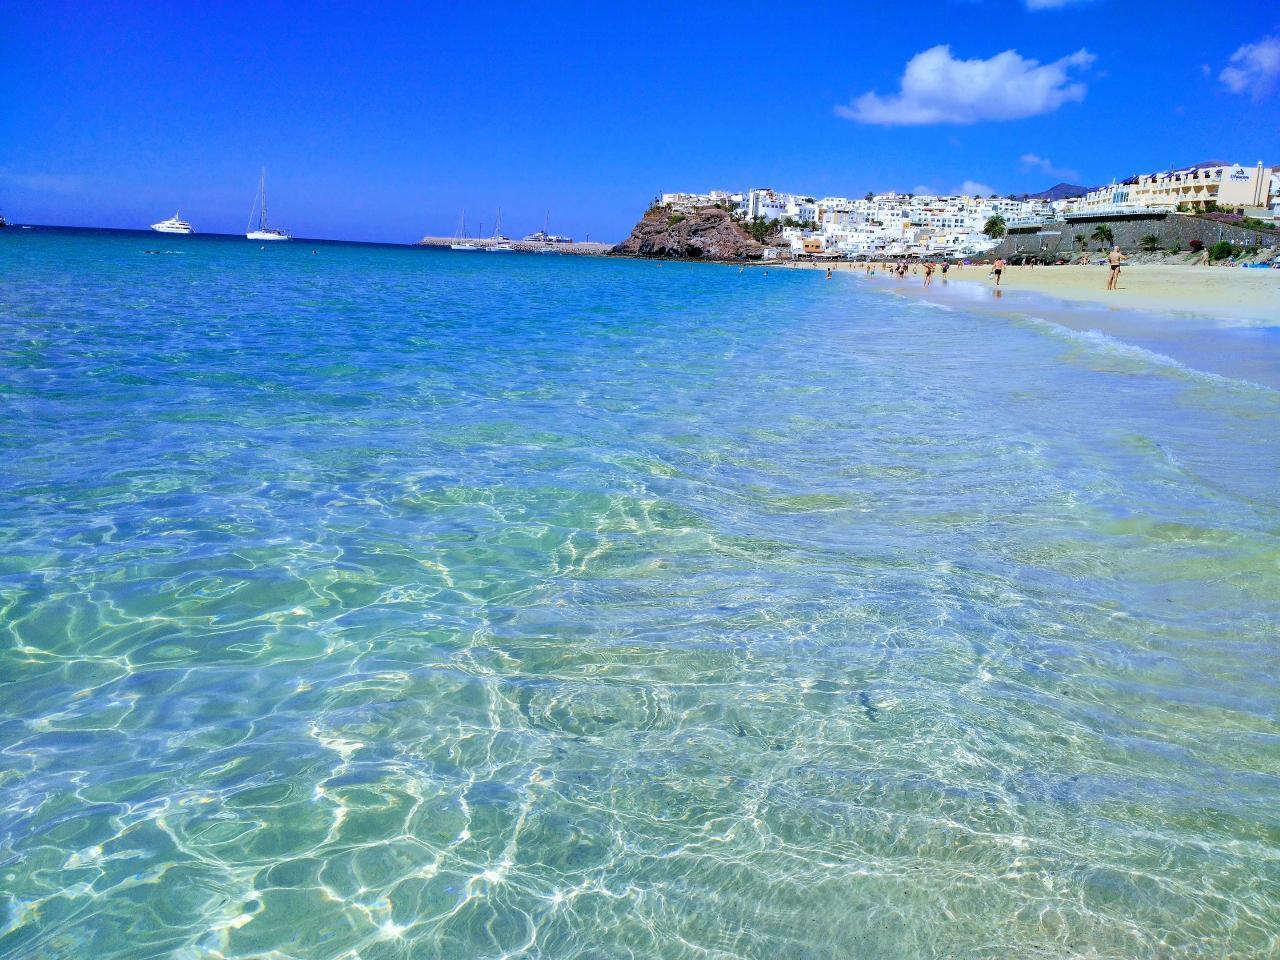 Ferienwohnung Apartment 2 / 4er Direkt am Meer, mit Blick auf den Strand, Schwimmbäder, ausgestattet. WI (634890), Morro Jable, Fuerteventura, Kanarische Inseln, Spanien, Bild 22